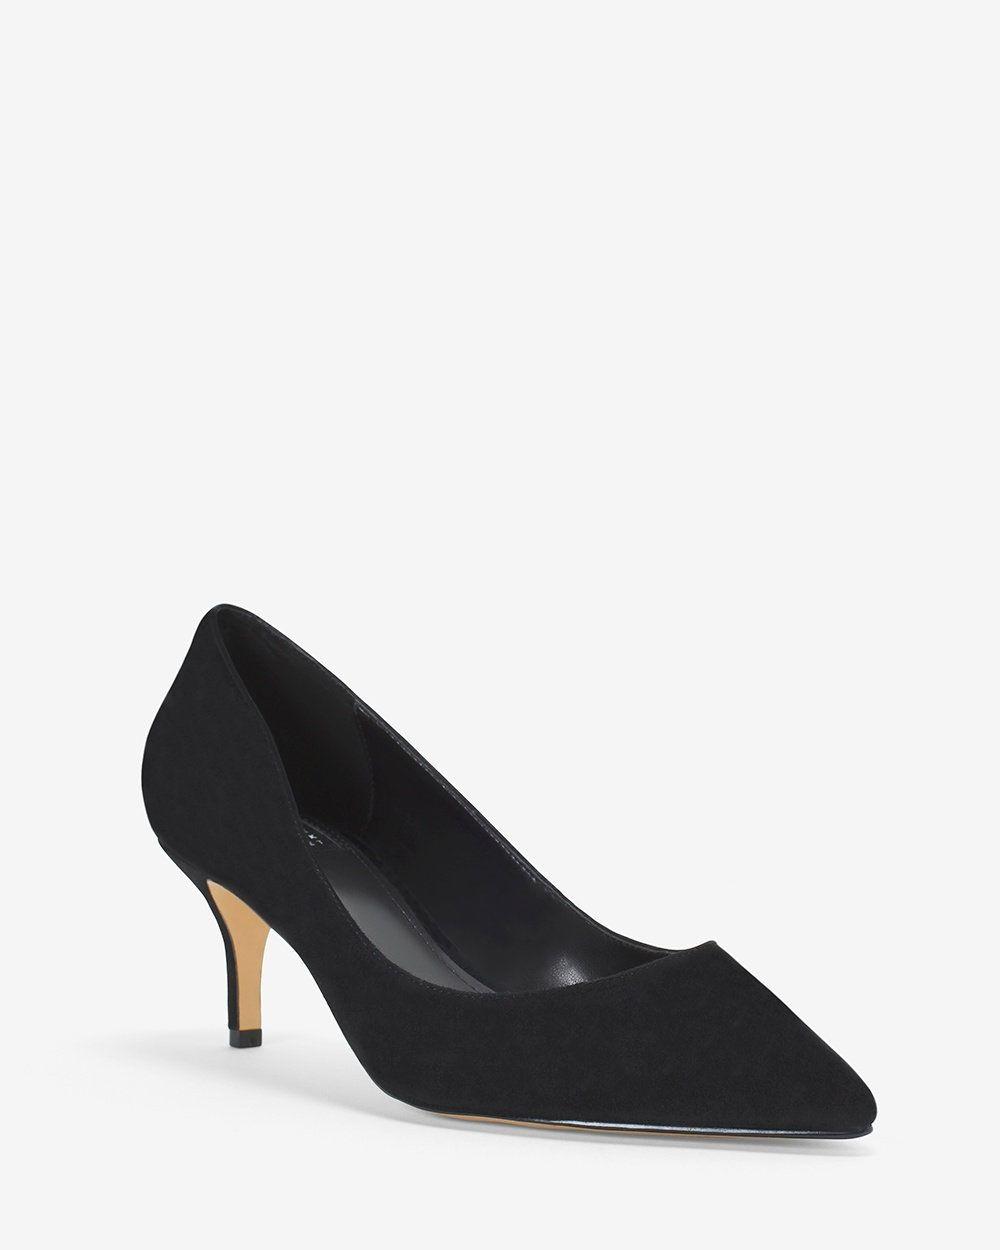 e3218b78bdd White House Black Market Phoebe Suede Kitten Heels